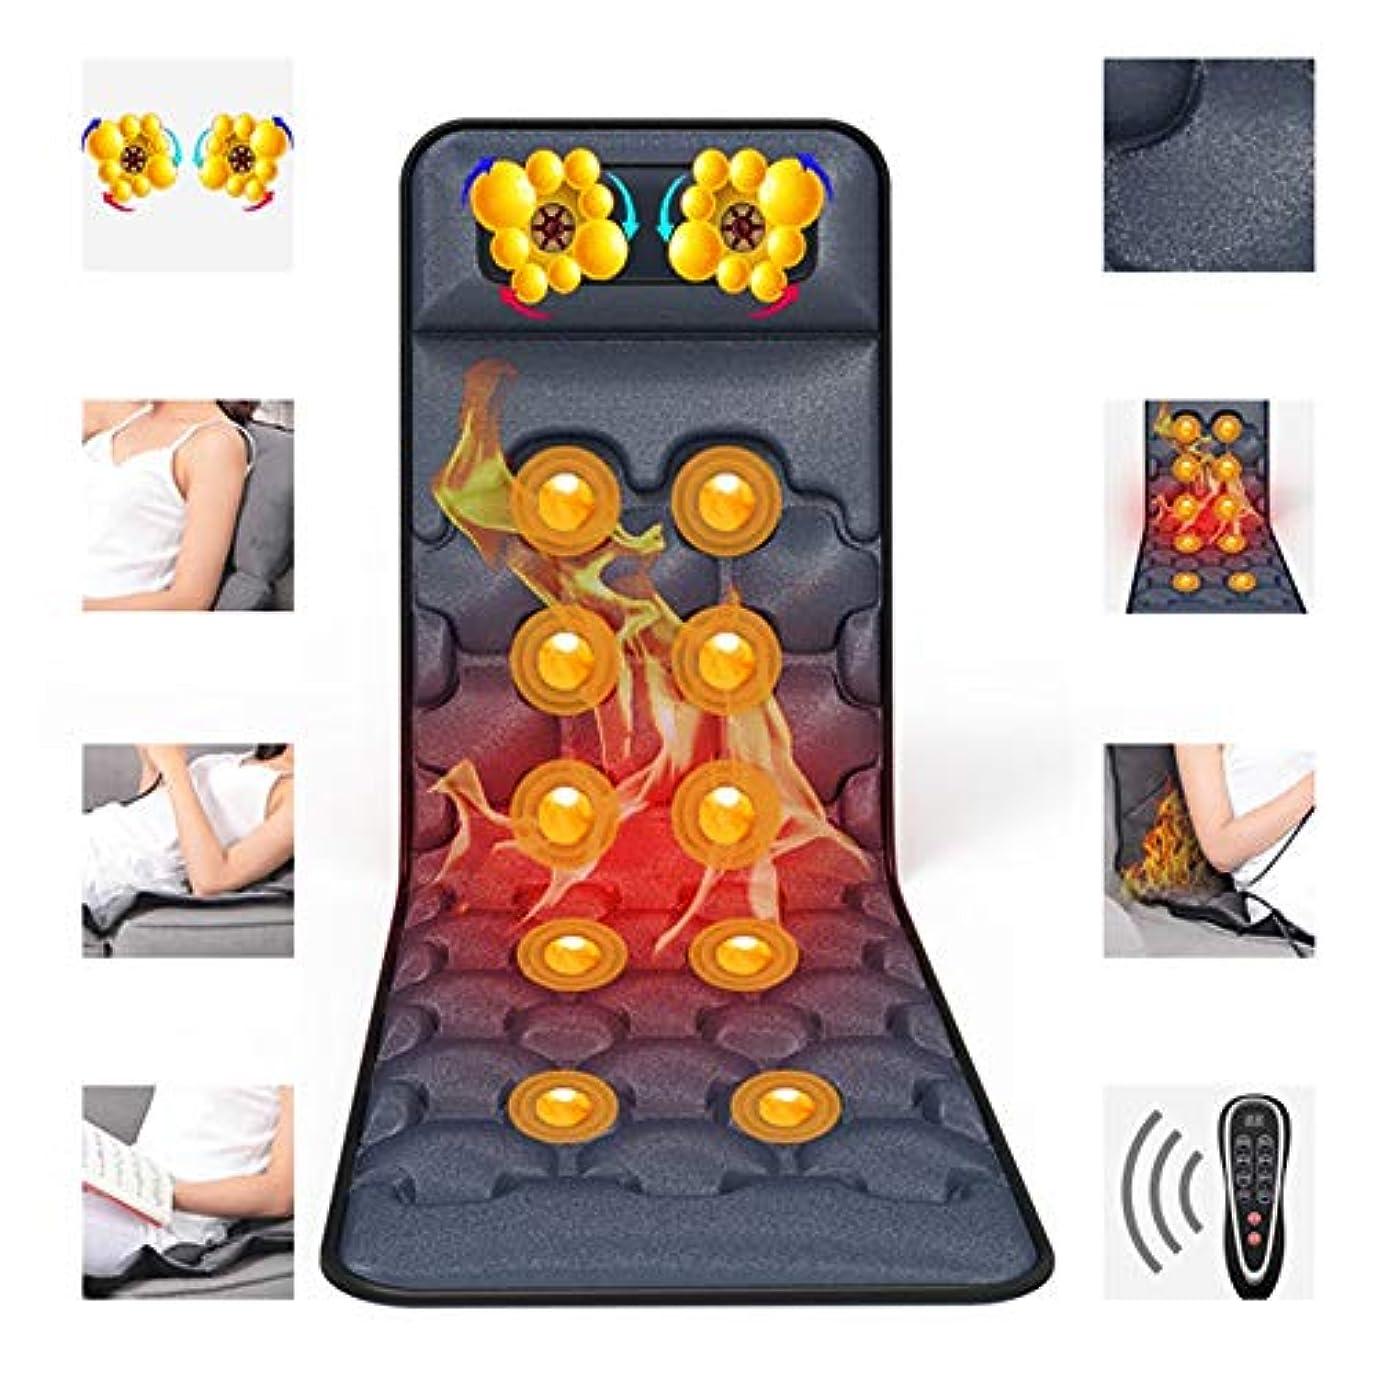 罪スイッチどうやってアッパー/腰腰下肢の痛みを軽減するピンポイントマッサージ用パッドのマッサージマットマットレス多機能暖房セラピーマッサージマッサージフルボディ、